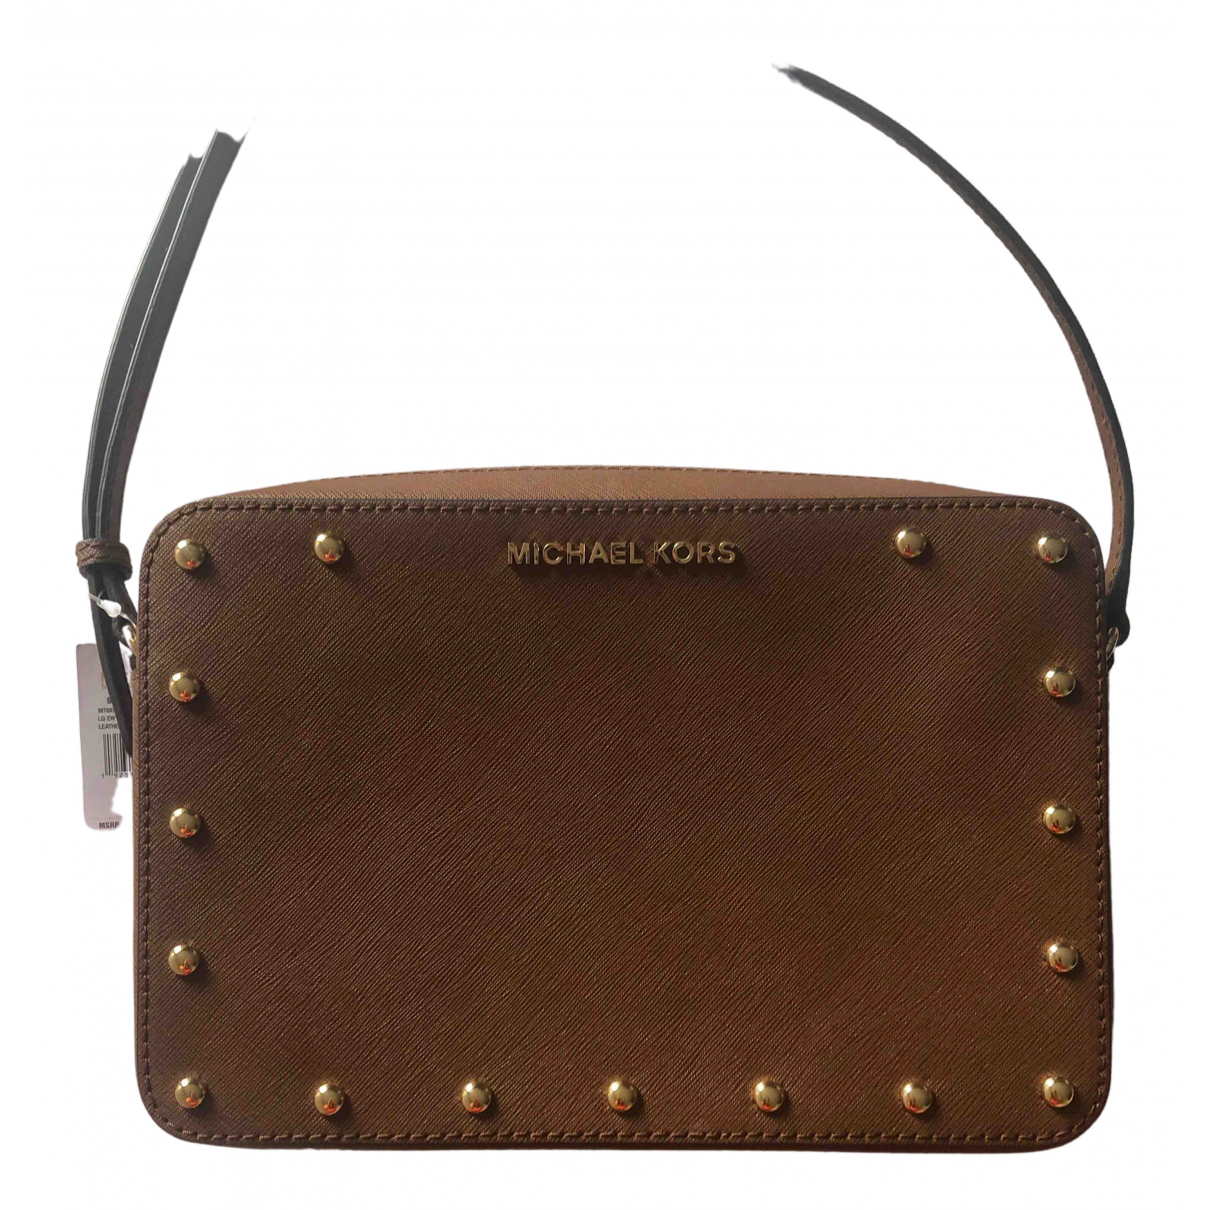 Michael Kors N Brown Leather backpack for Women N